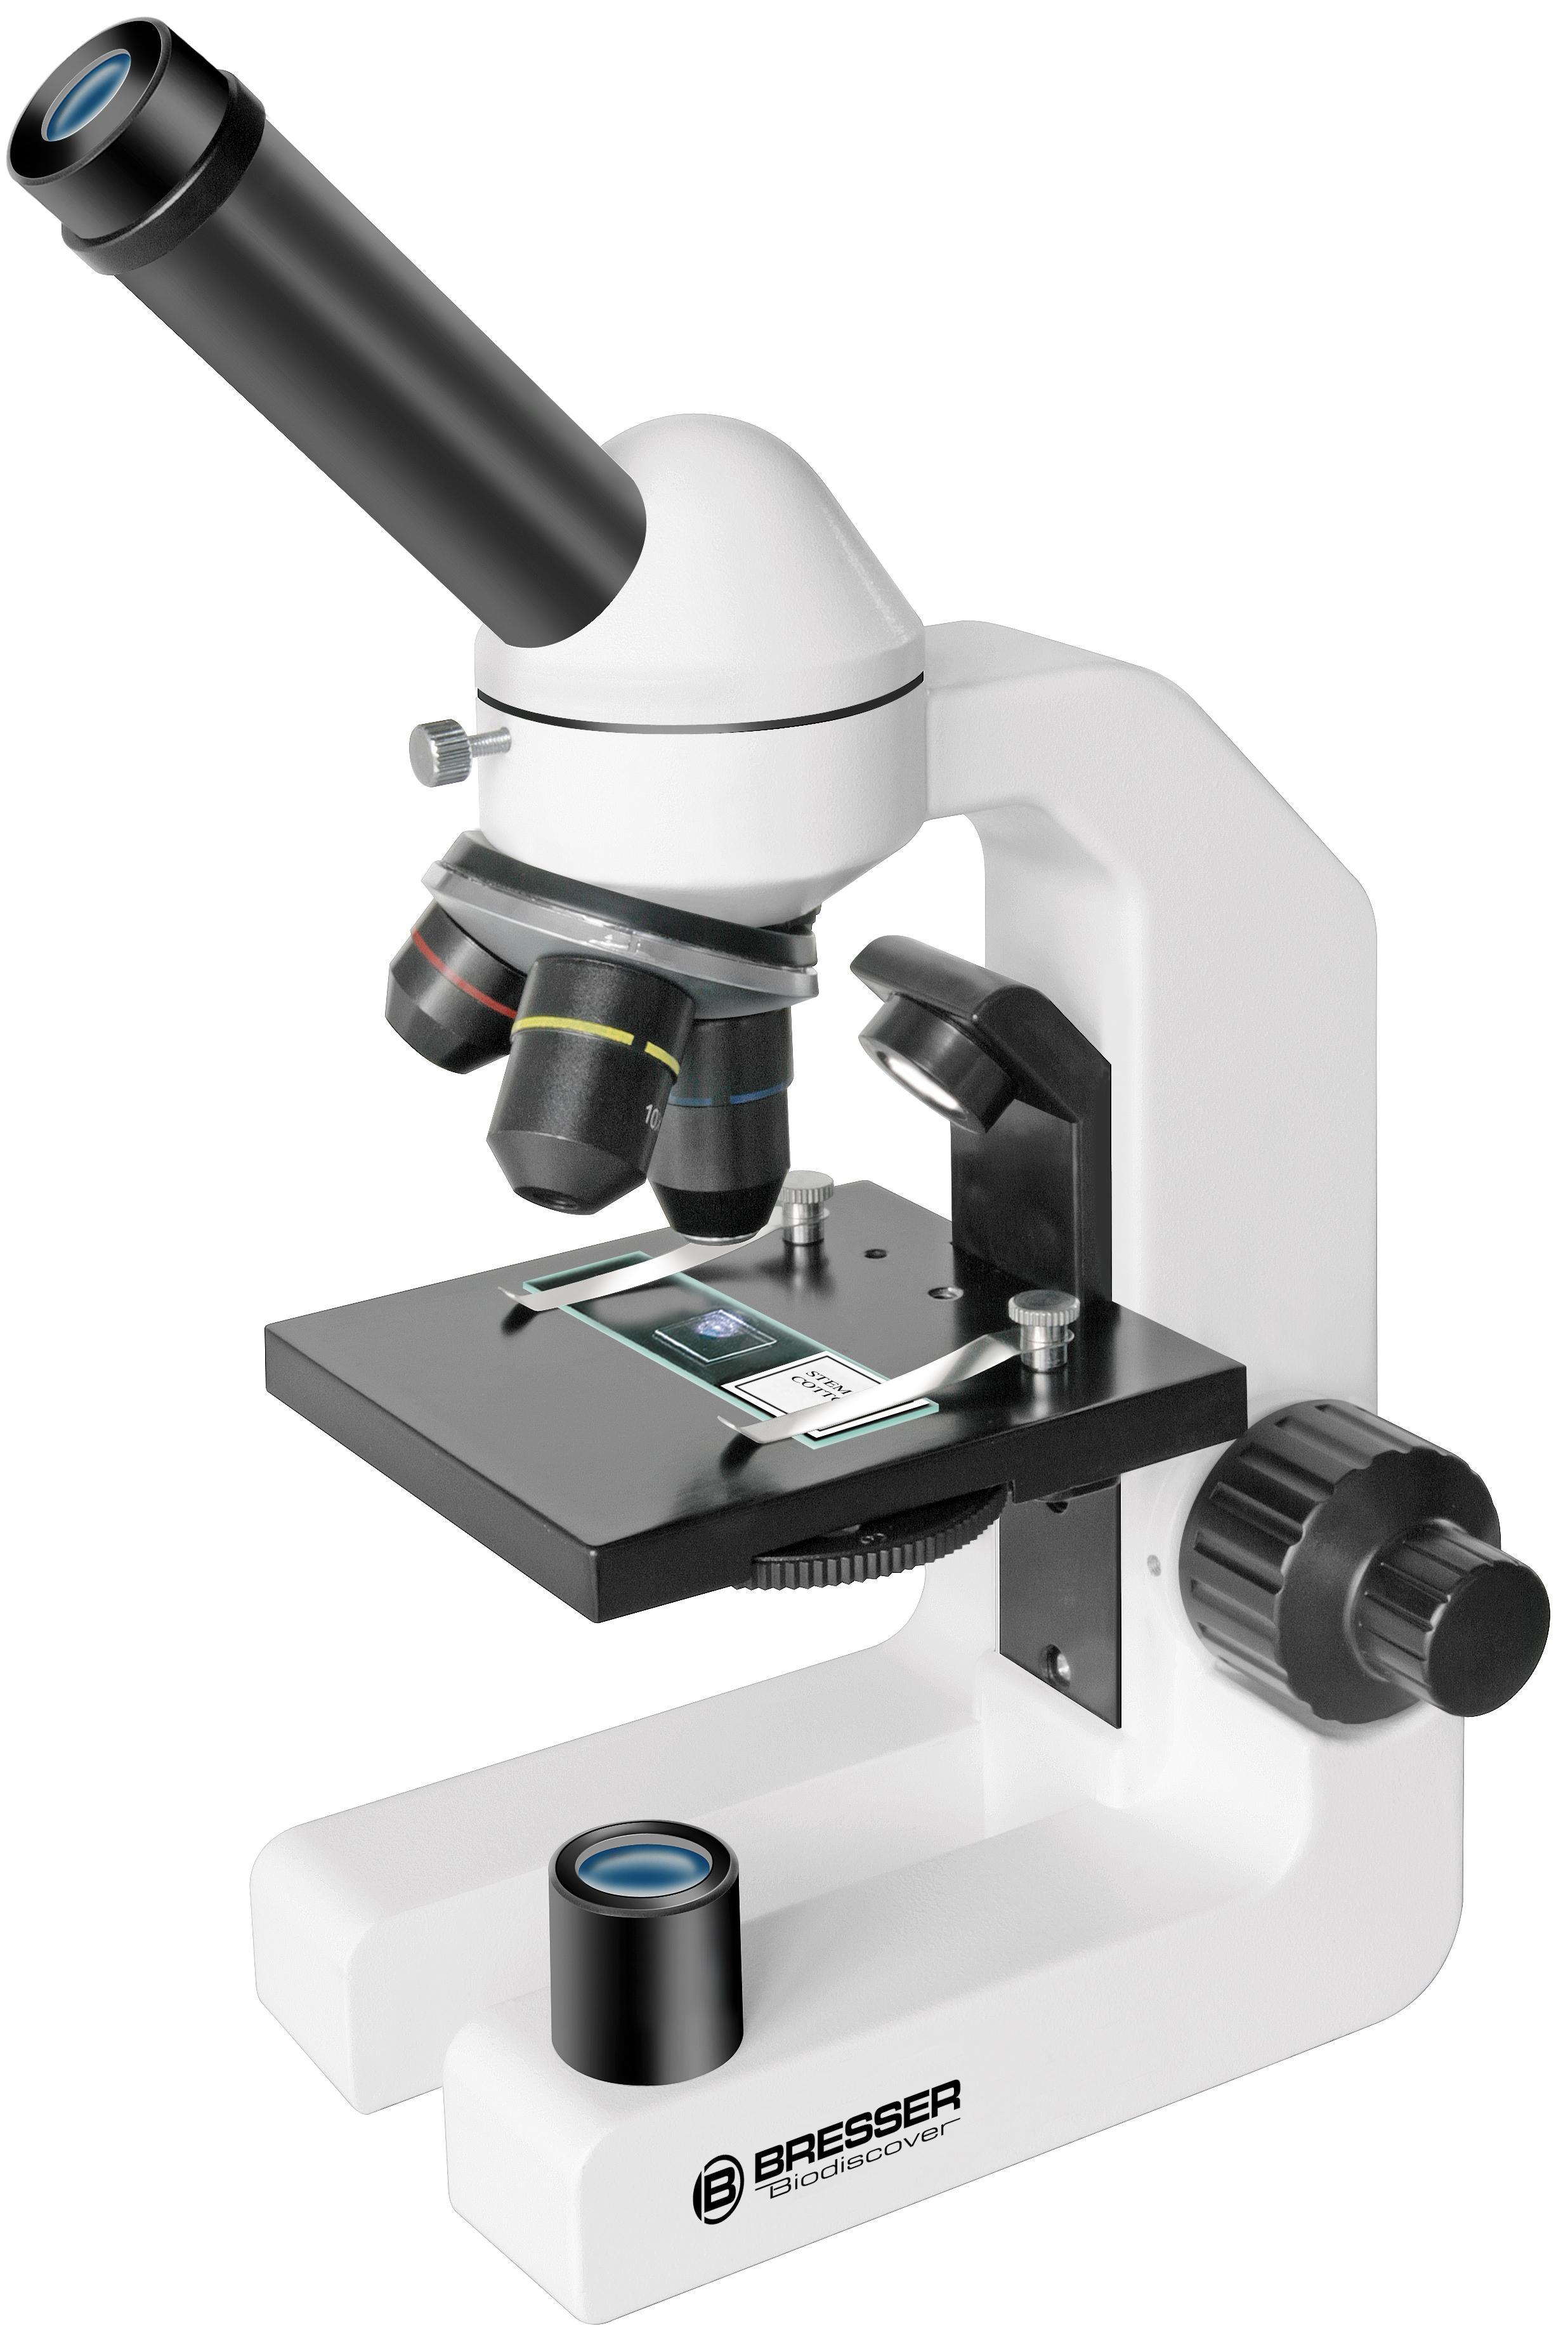 bresser microscopio  Microscopio BRESSER BioDiscover 20-1280x | Bresser